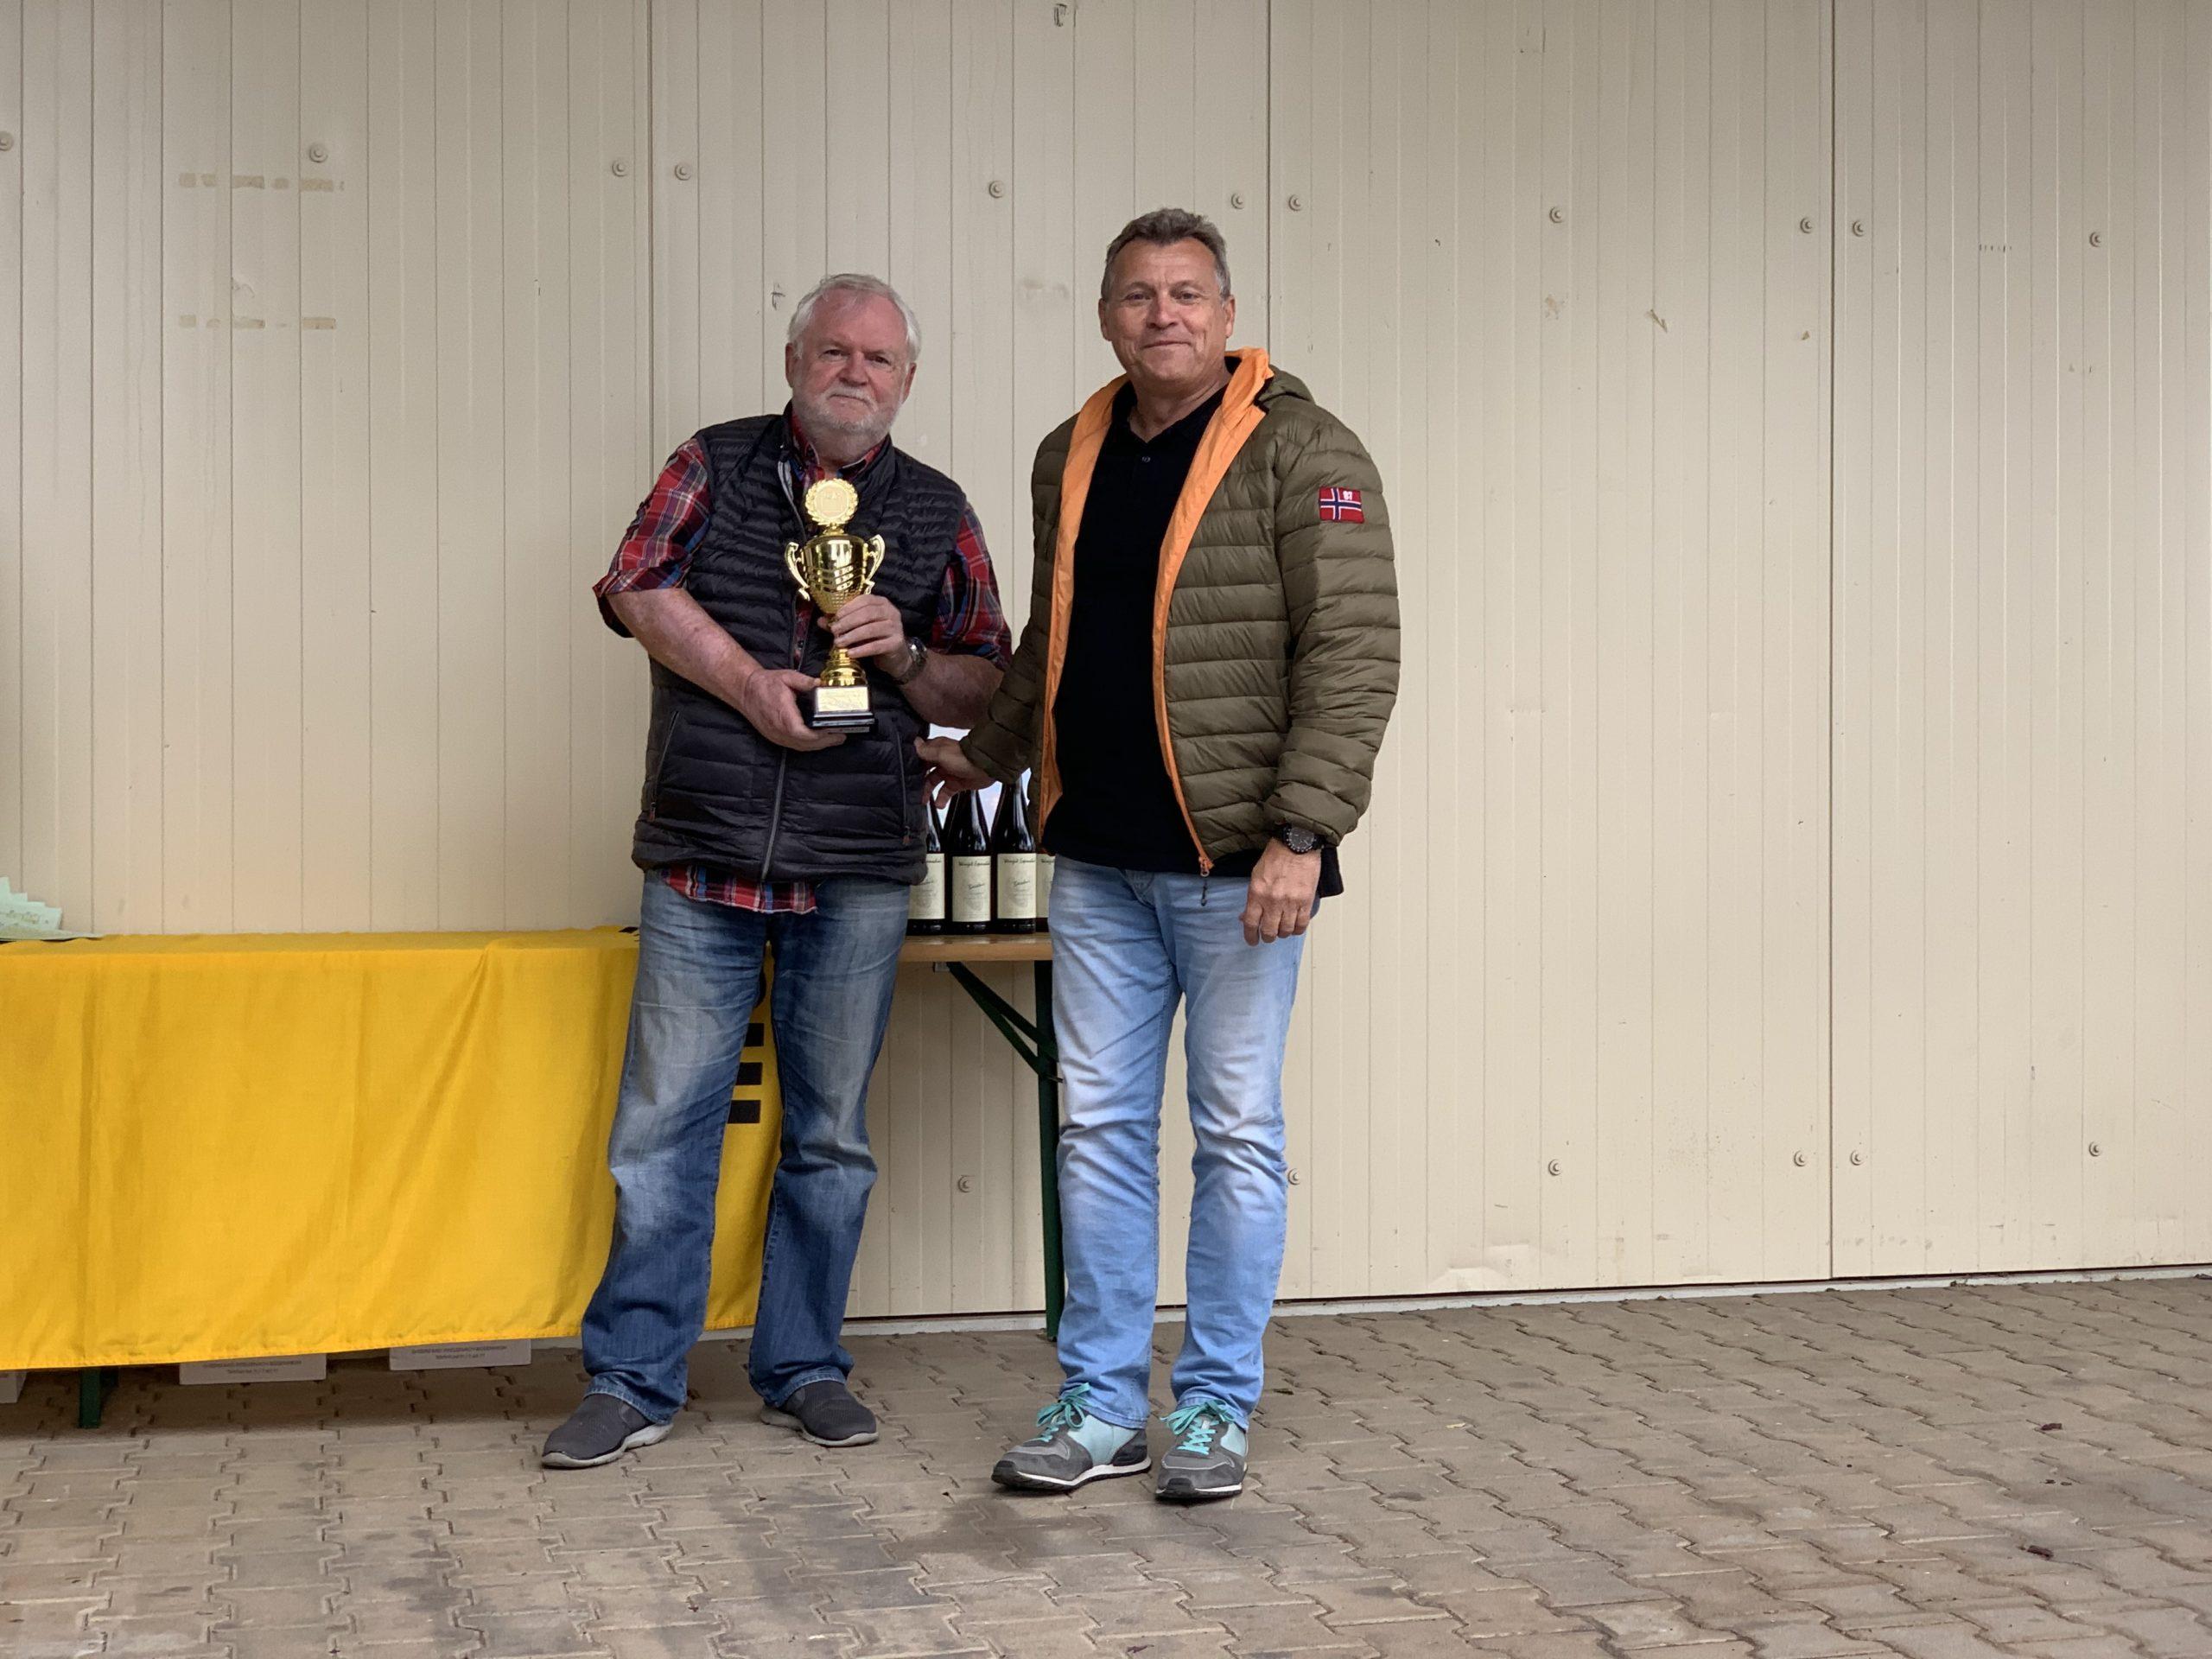 MSC Bingen 2020 Mäuseturm Klassik - 3. Sieger Sport